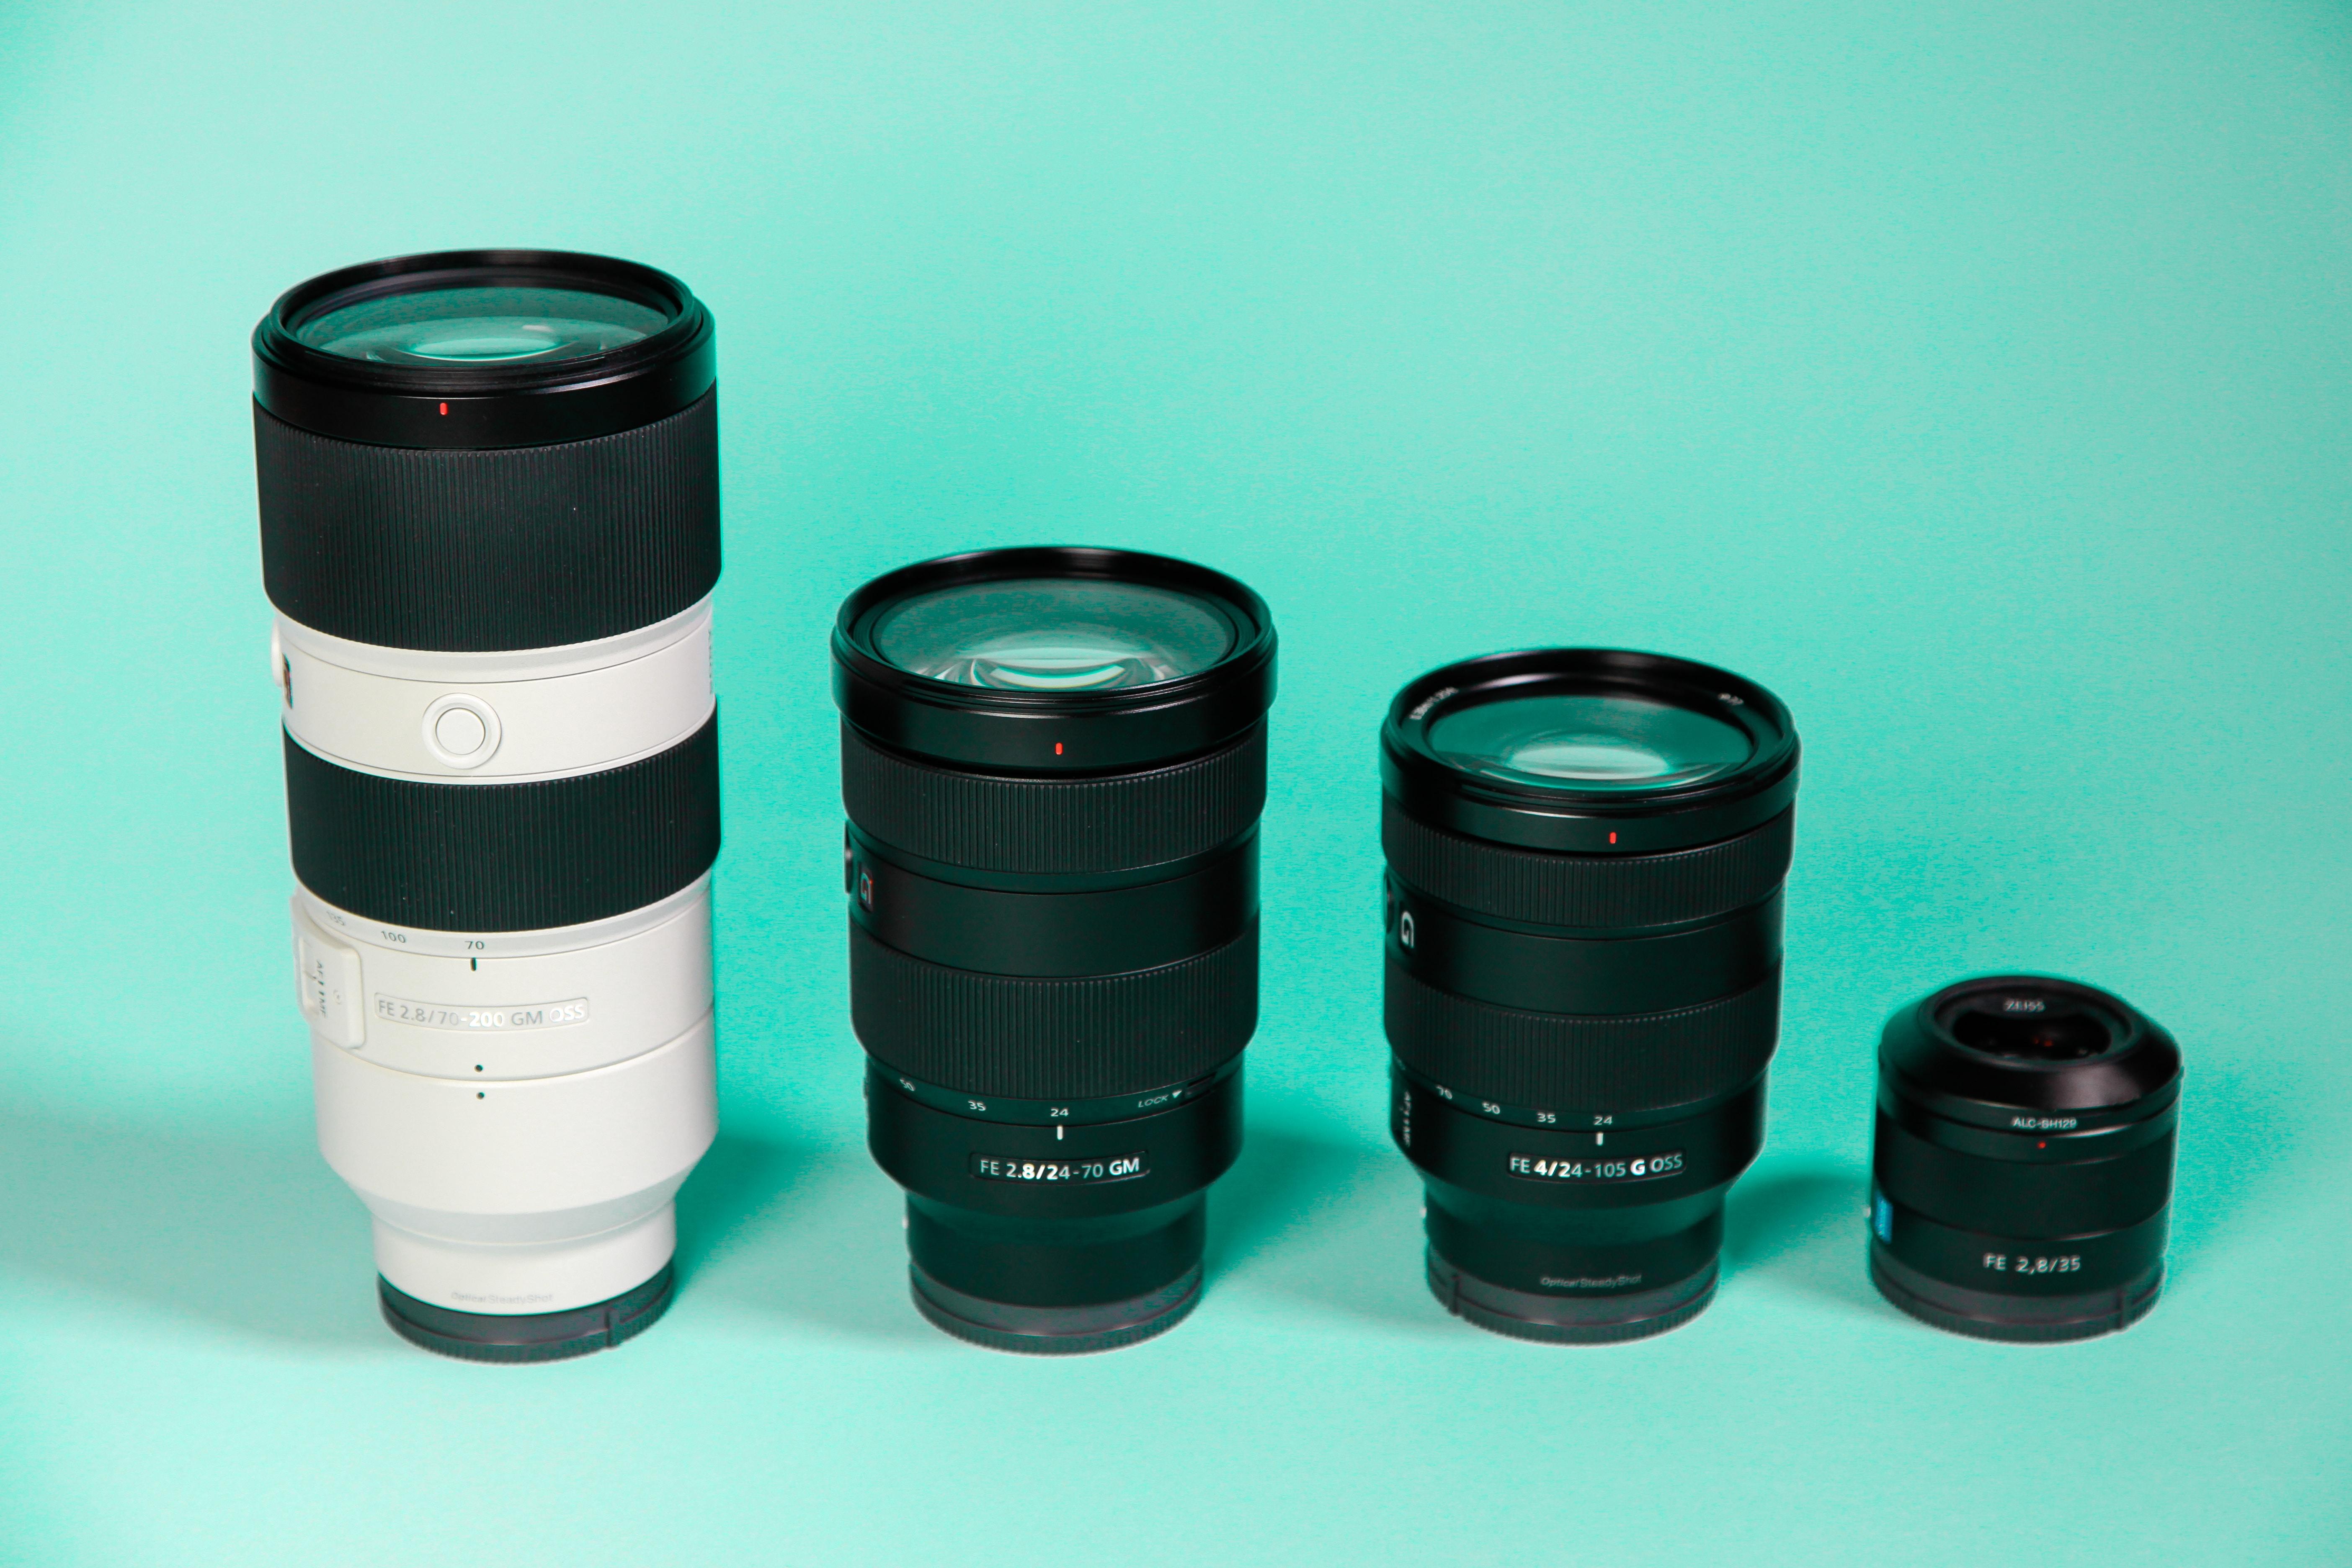 four camera lenses